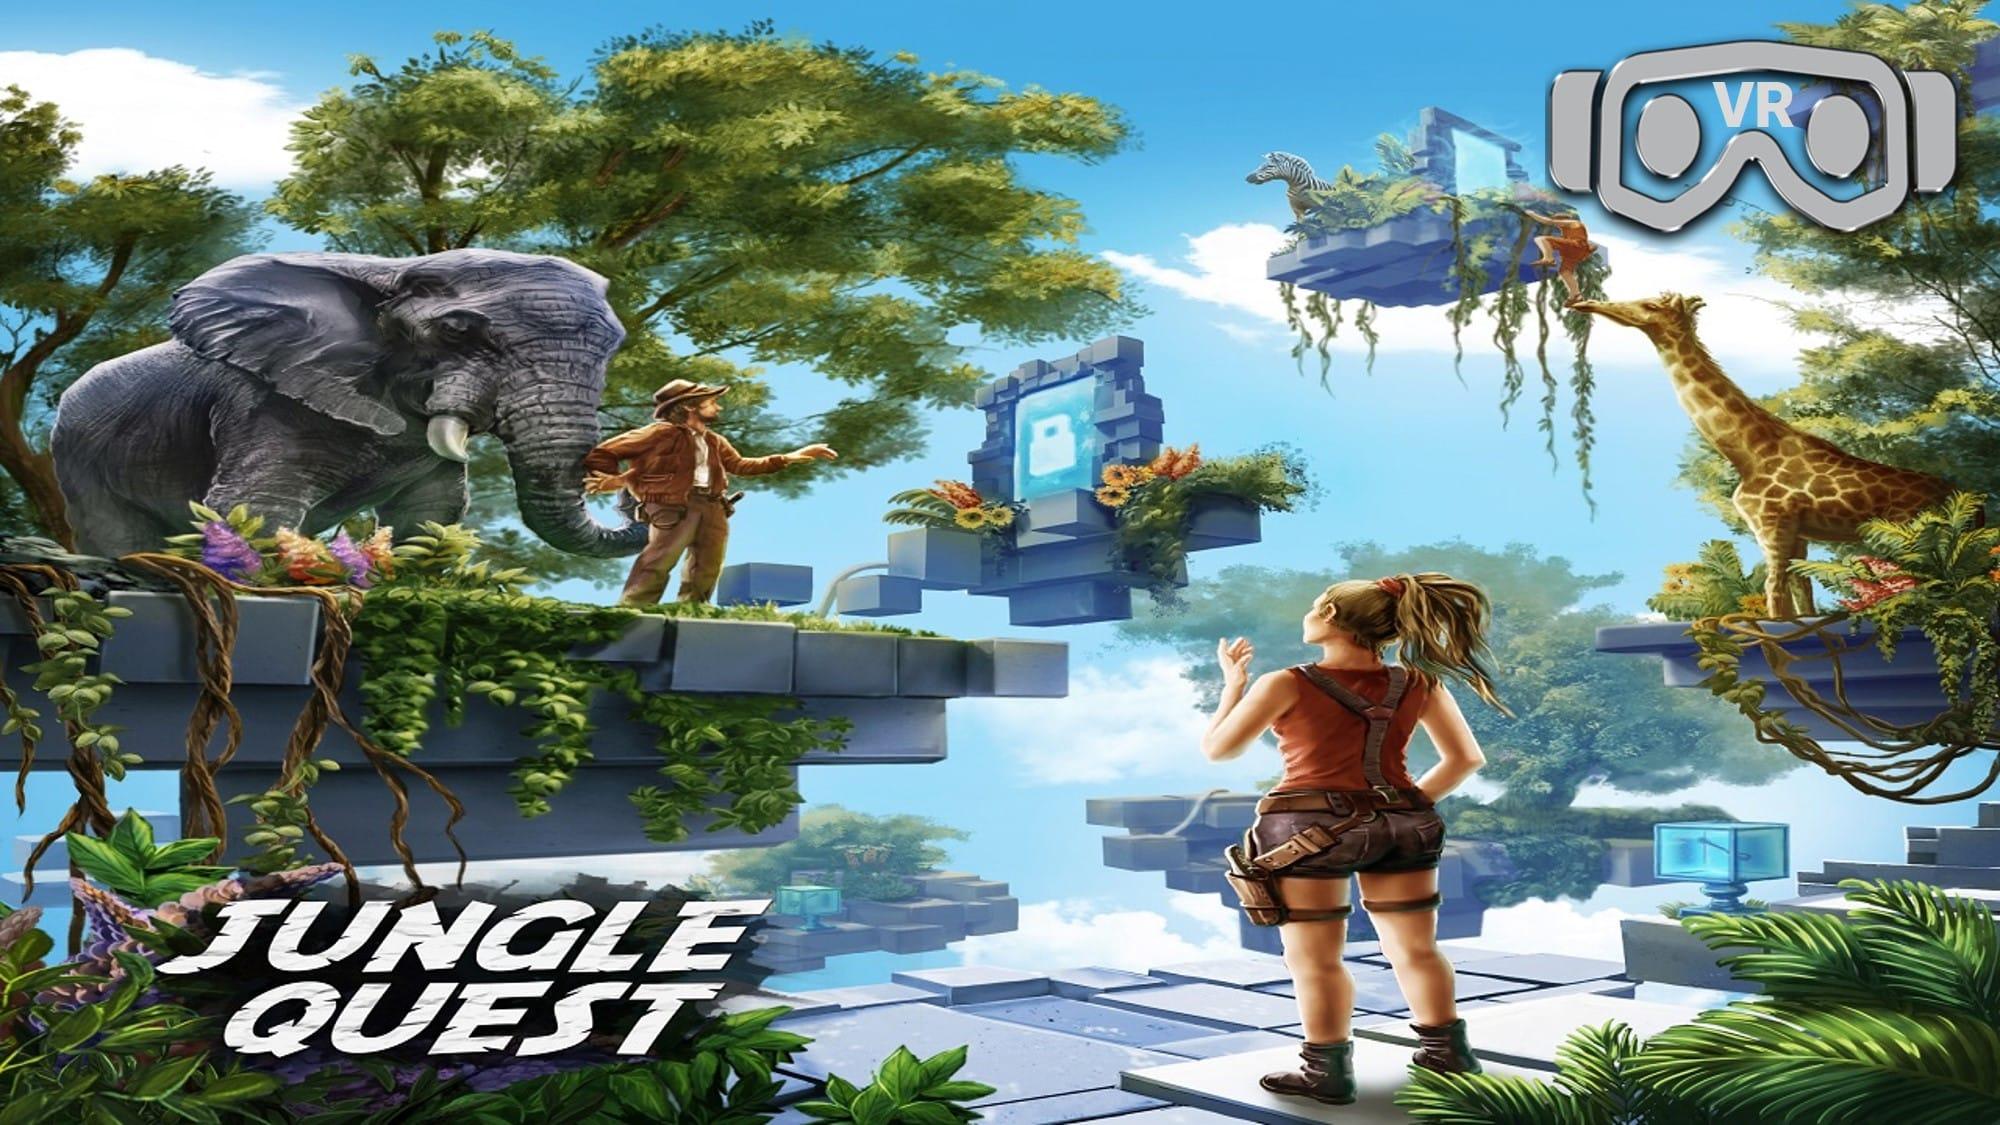 Jungle Quest Virtual Reality Escape Room x VR